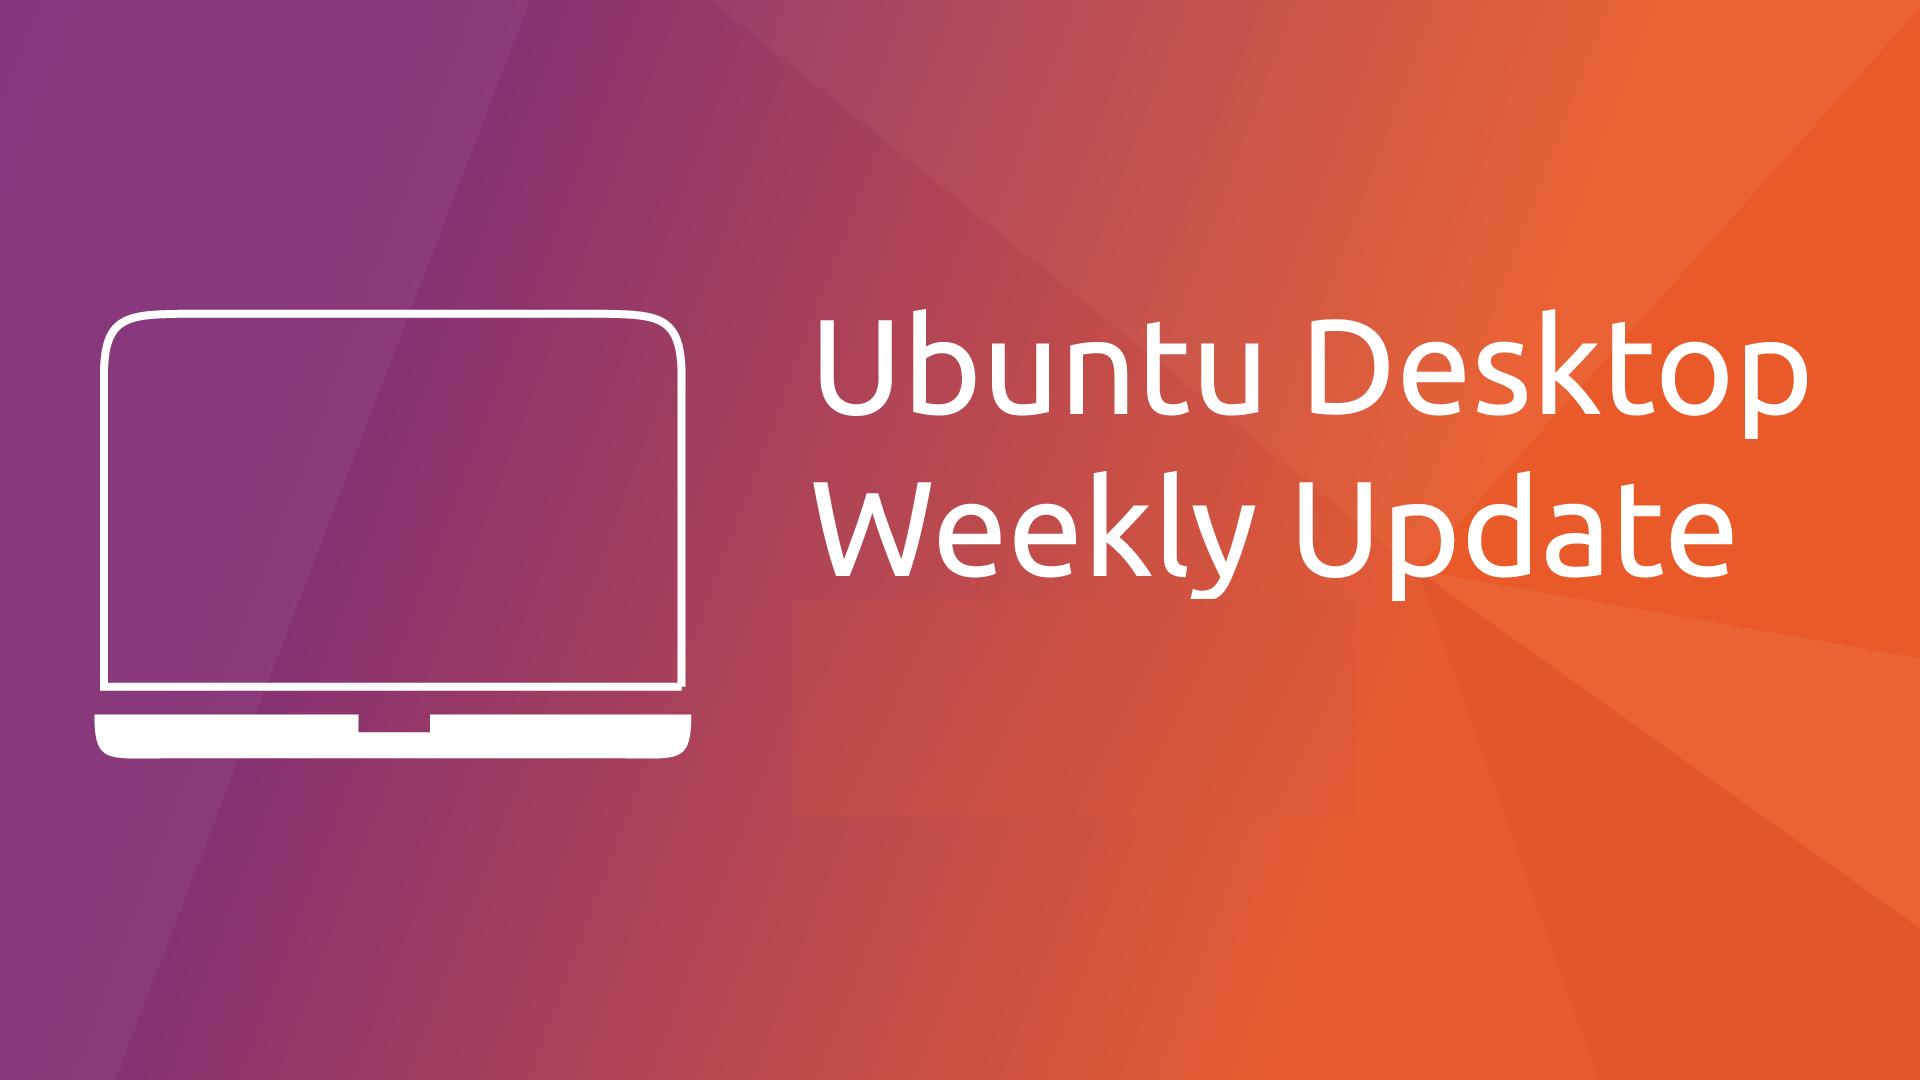 ubuntu news